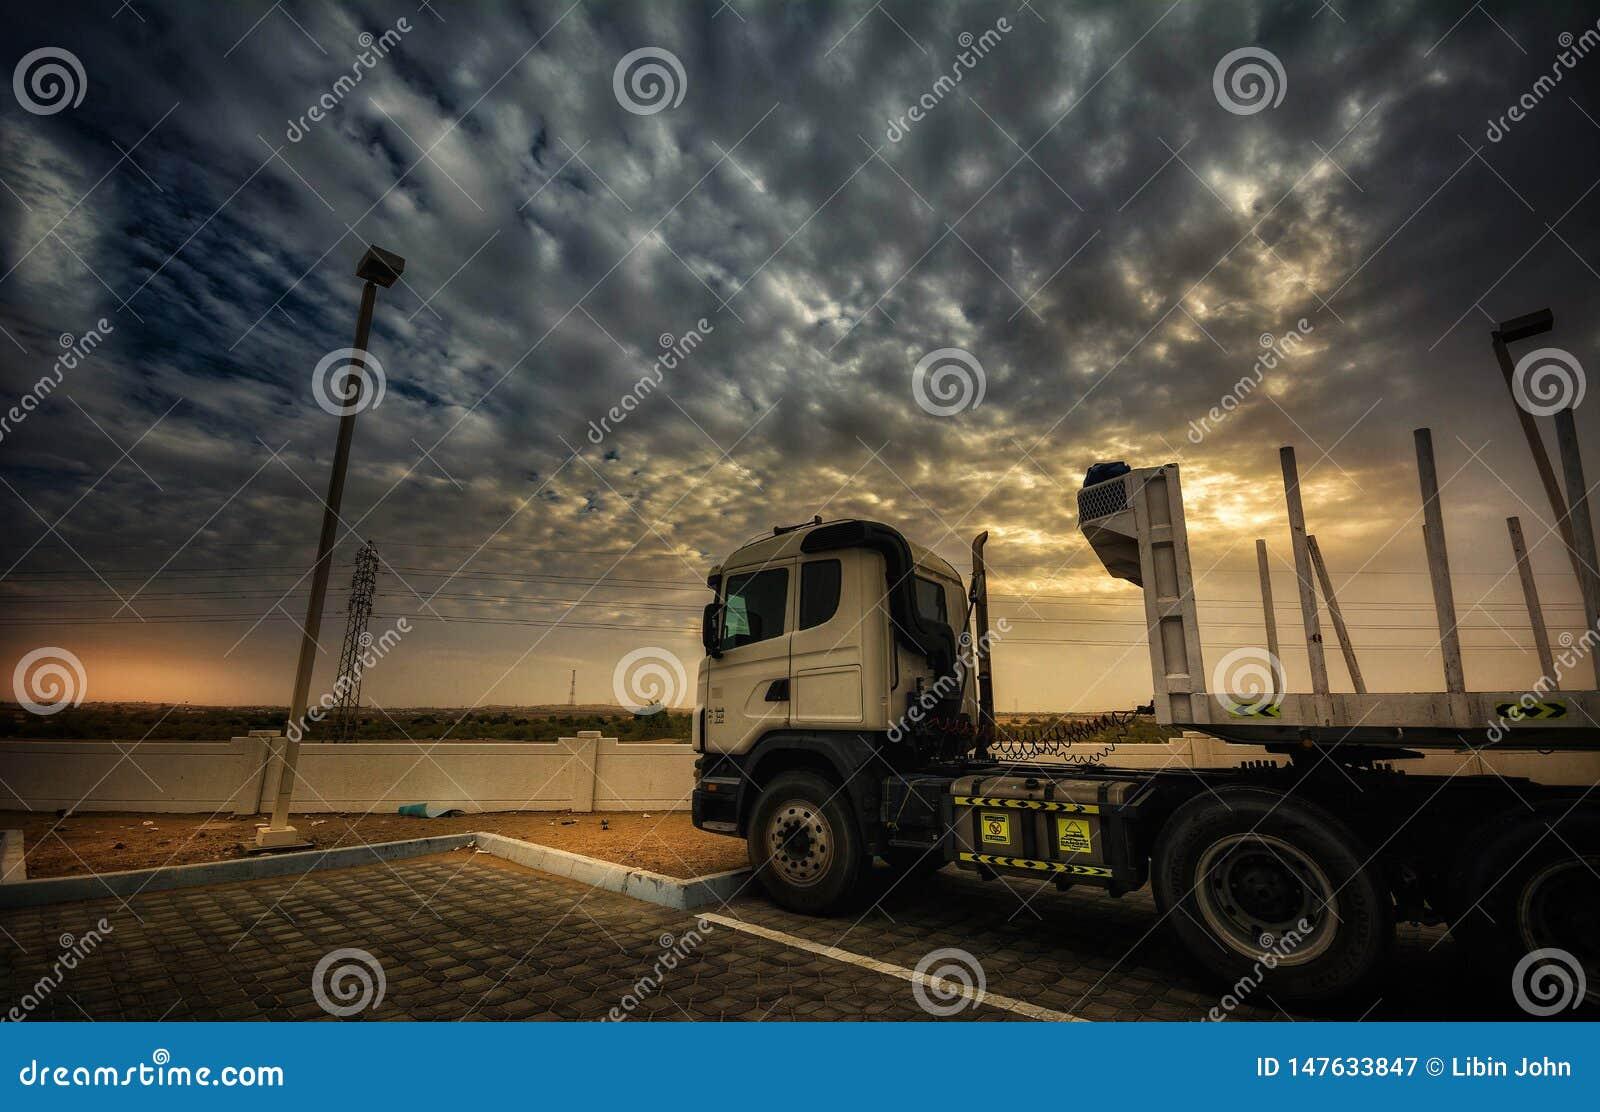 Truck on Sunset